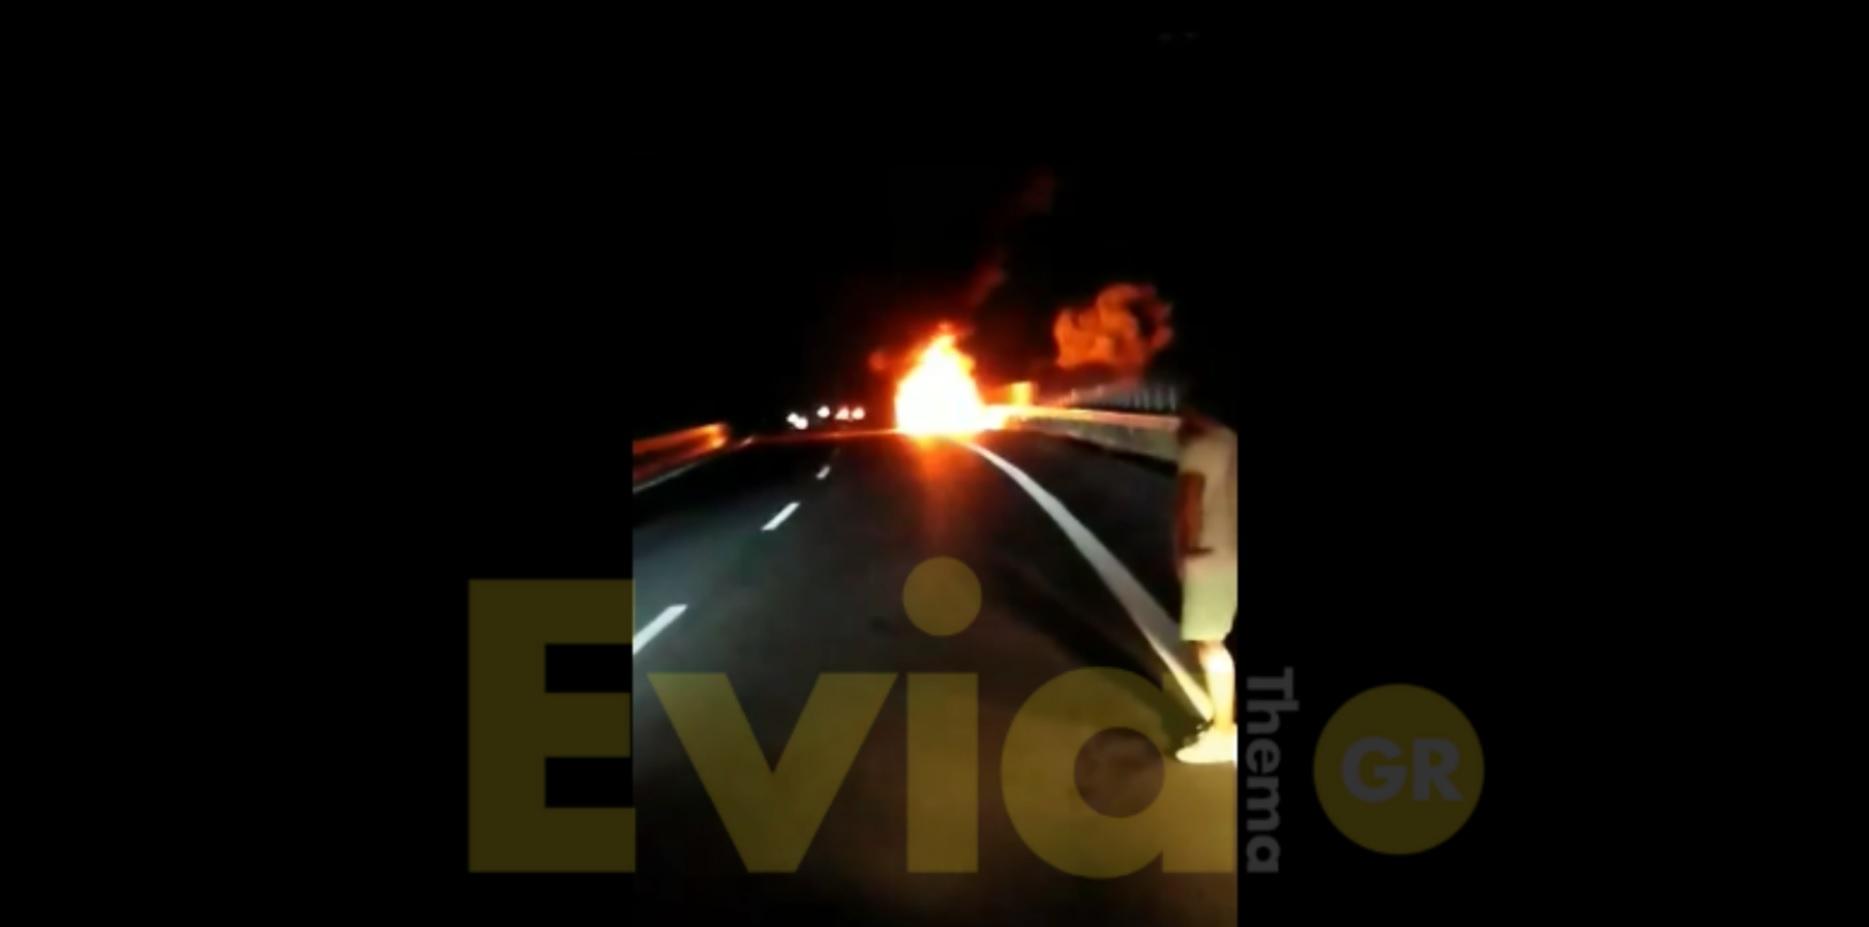 Σχηματάρι: Παρανάλωμα του πυρός ΙΧ το βράδυ της Κυριακής, Σχηματάρι: Παρανάλωμα του πυρός ΙΧ το βράδυ της Κυριακής [ΒΙΝΤΕΟ], Eviathema.gr | ΕΥΒΟΙΑ ΝΕΑ - Νέα και ειδήσεις από όλη την Εύβοια